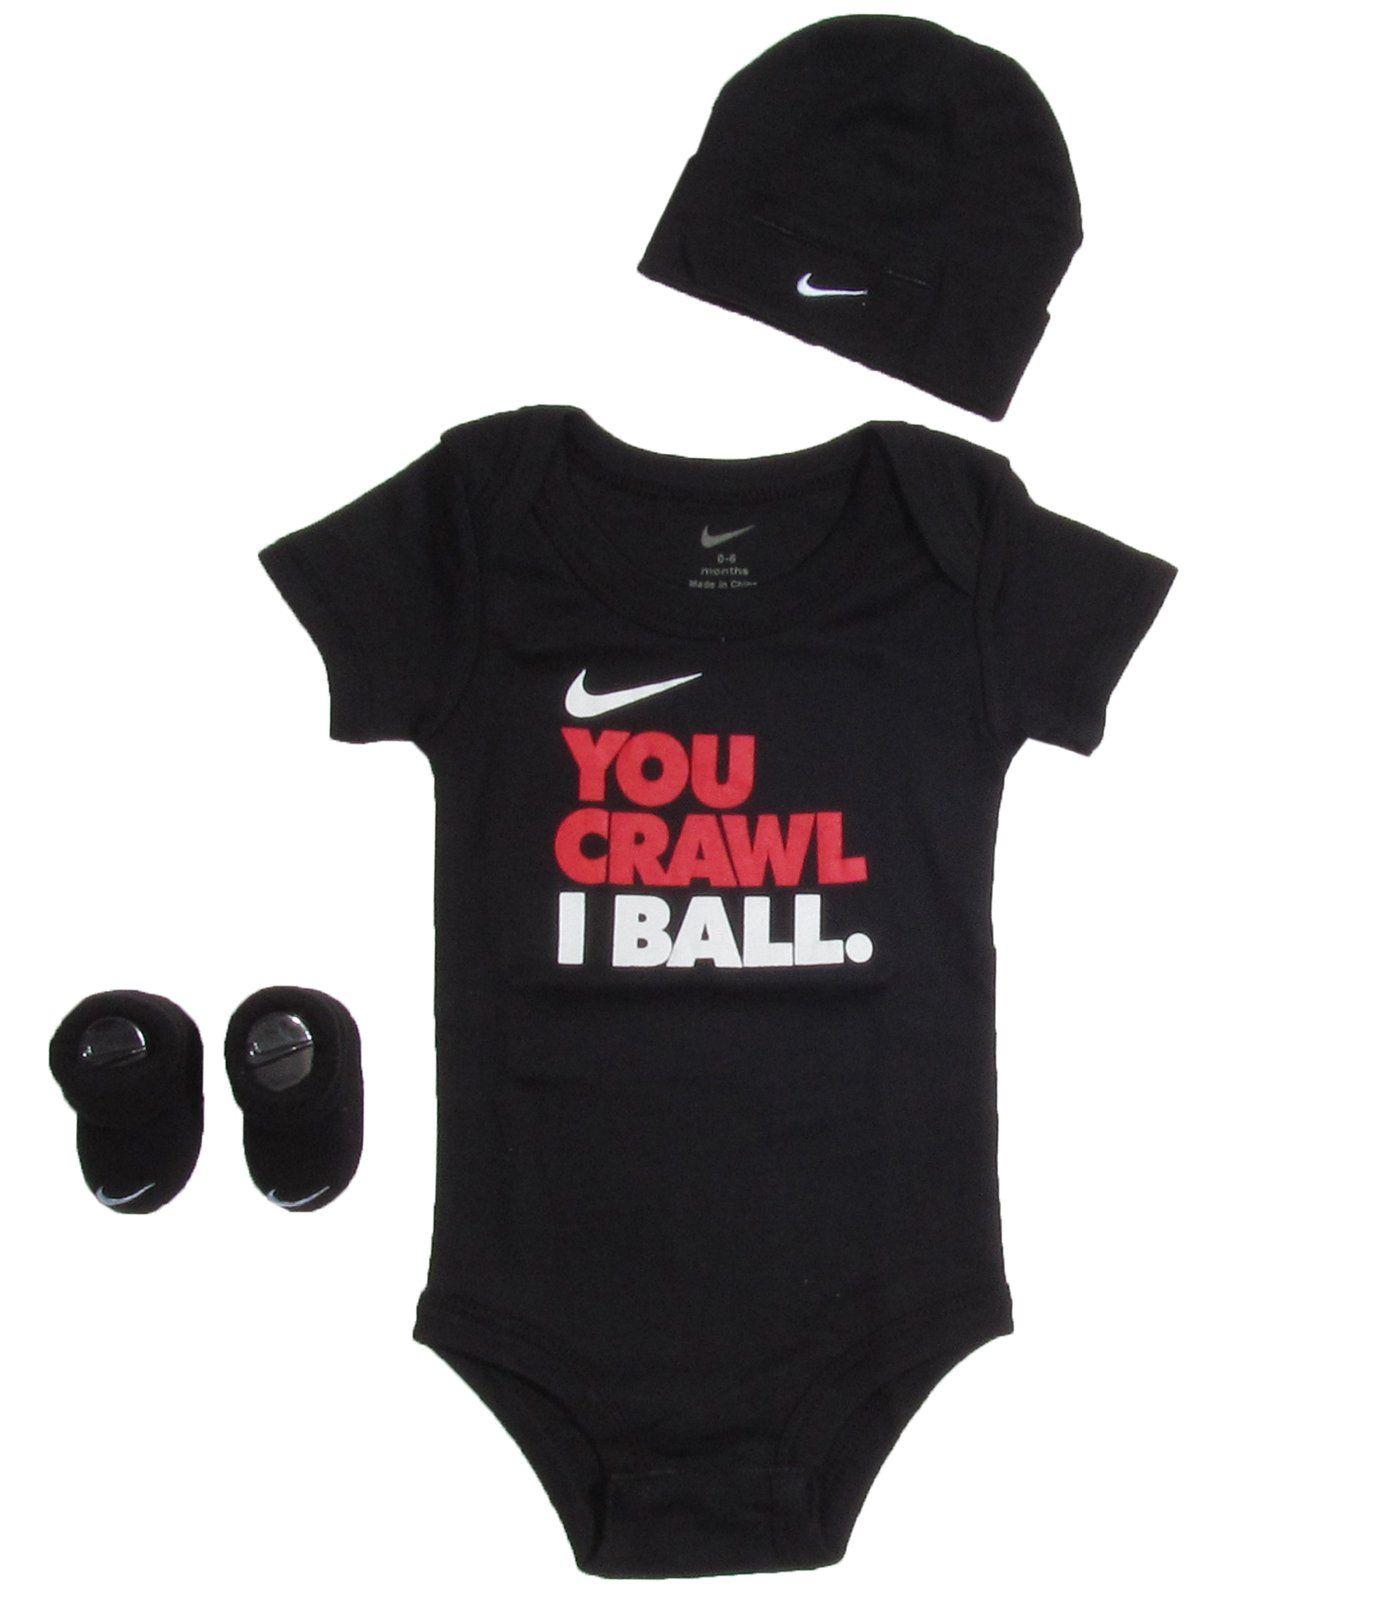 Nike Baby Clothes Australia